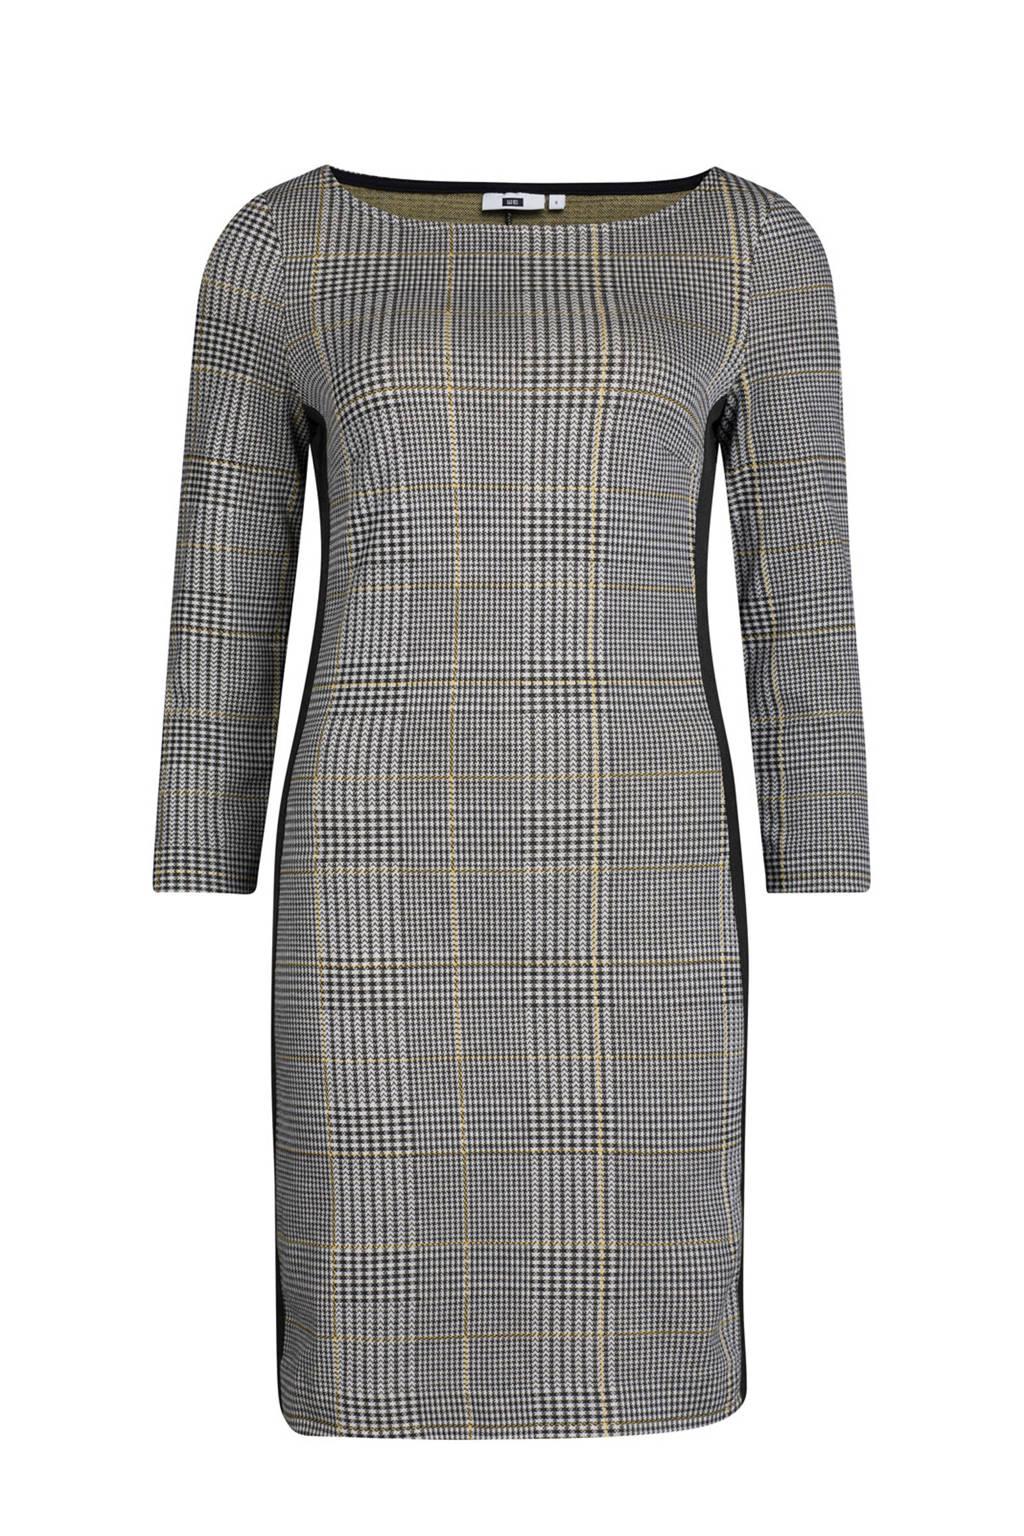 WE Fashion geruite jurk met zijstreep grijs, Grijs/zwart/wit